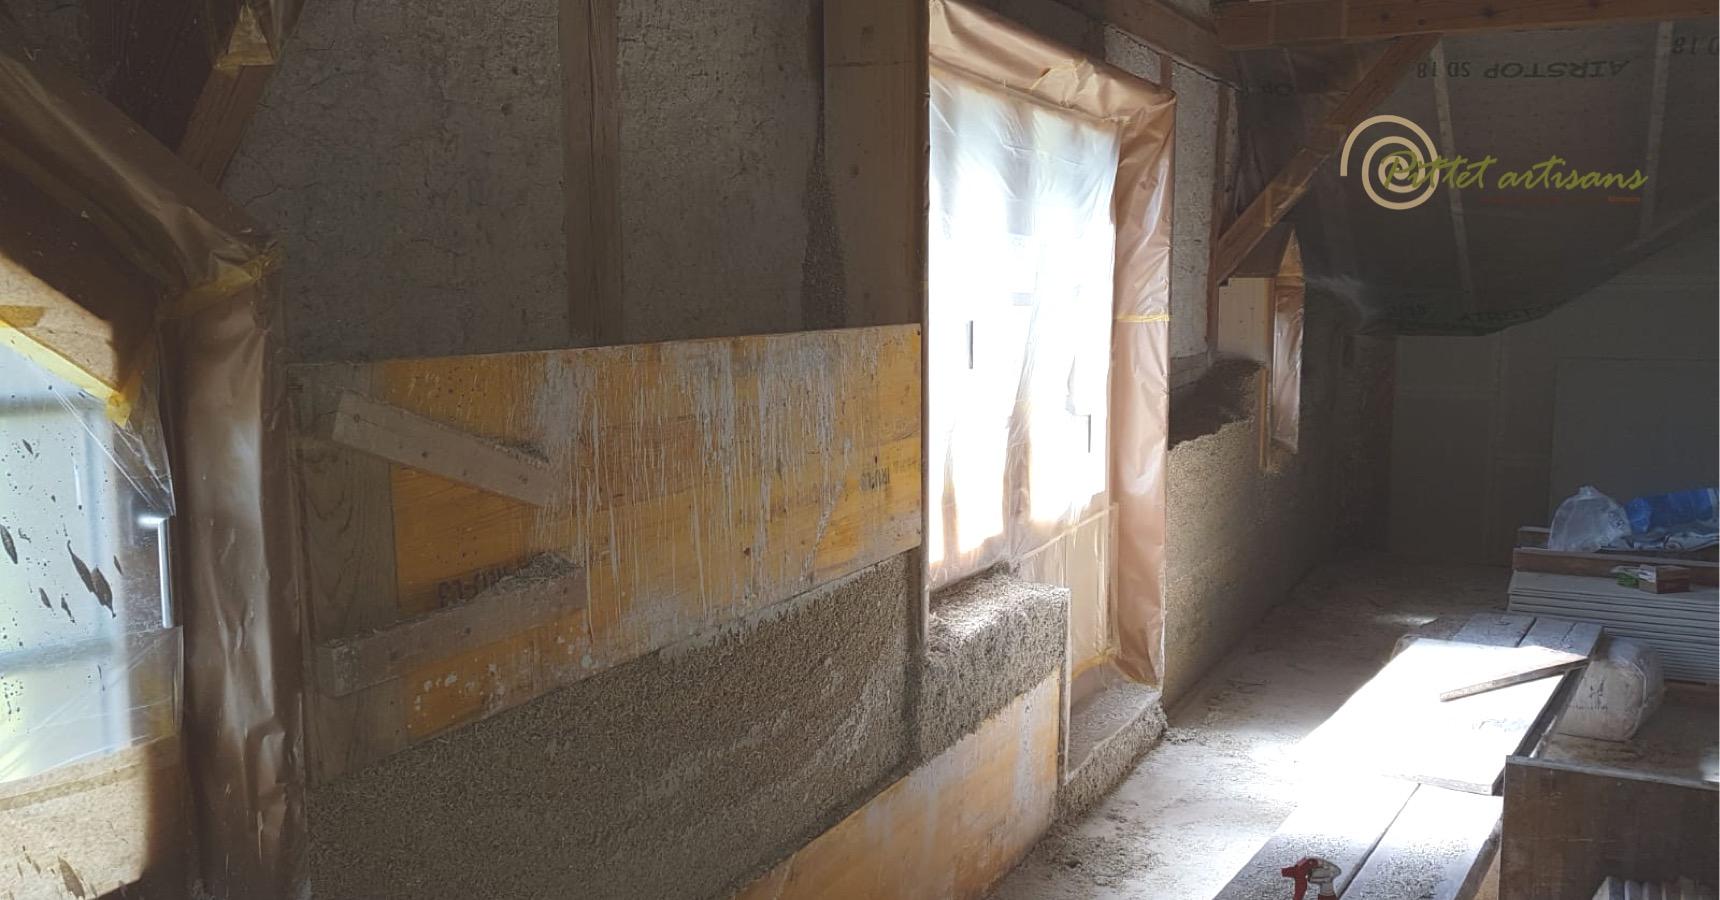 Doublage chanvre intérieur projeté en cours de travaux